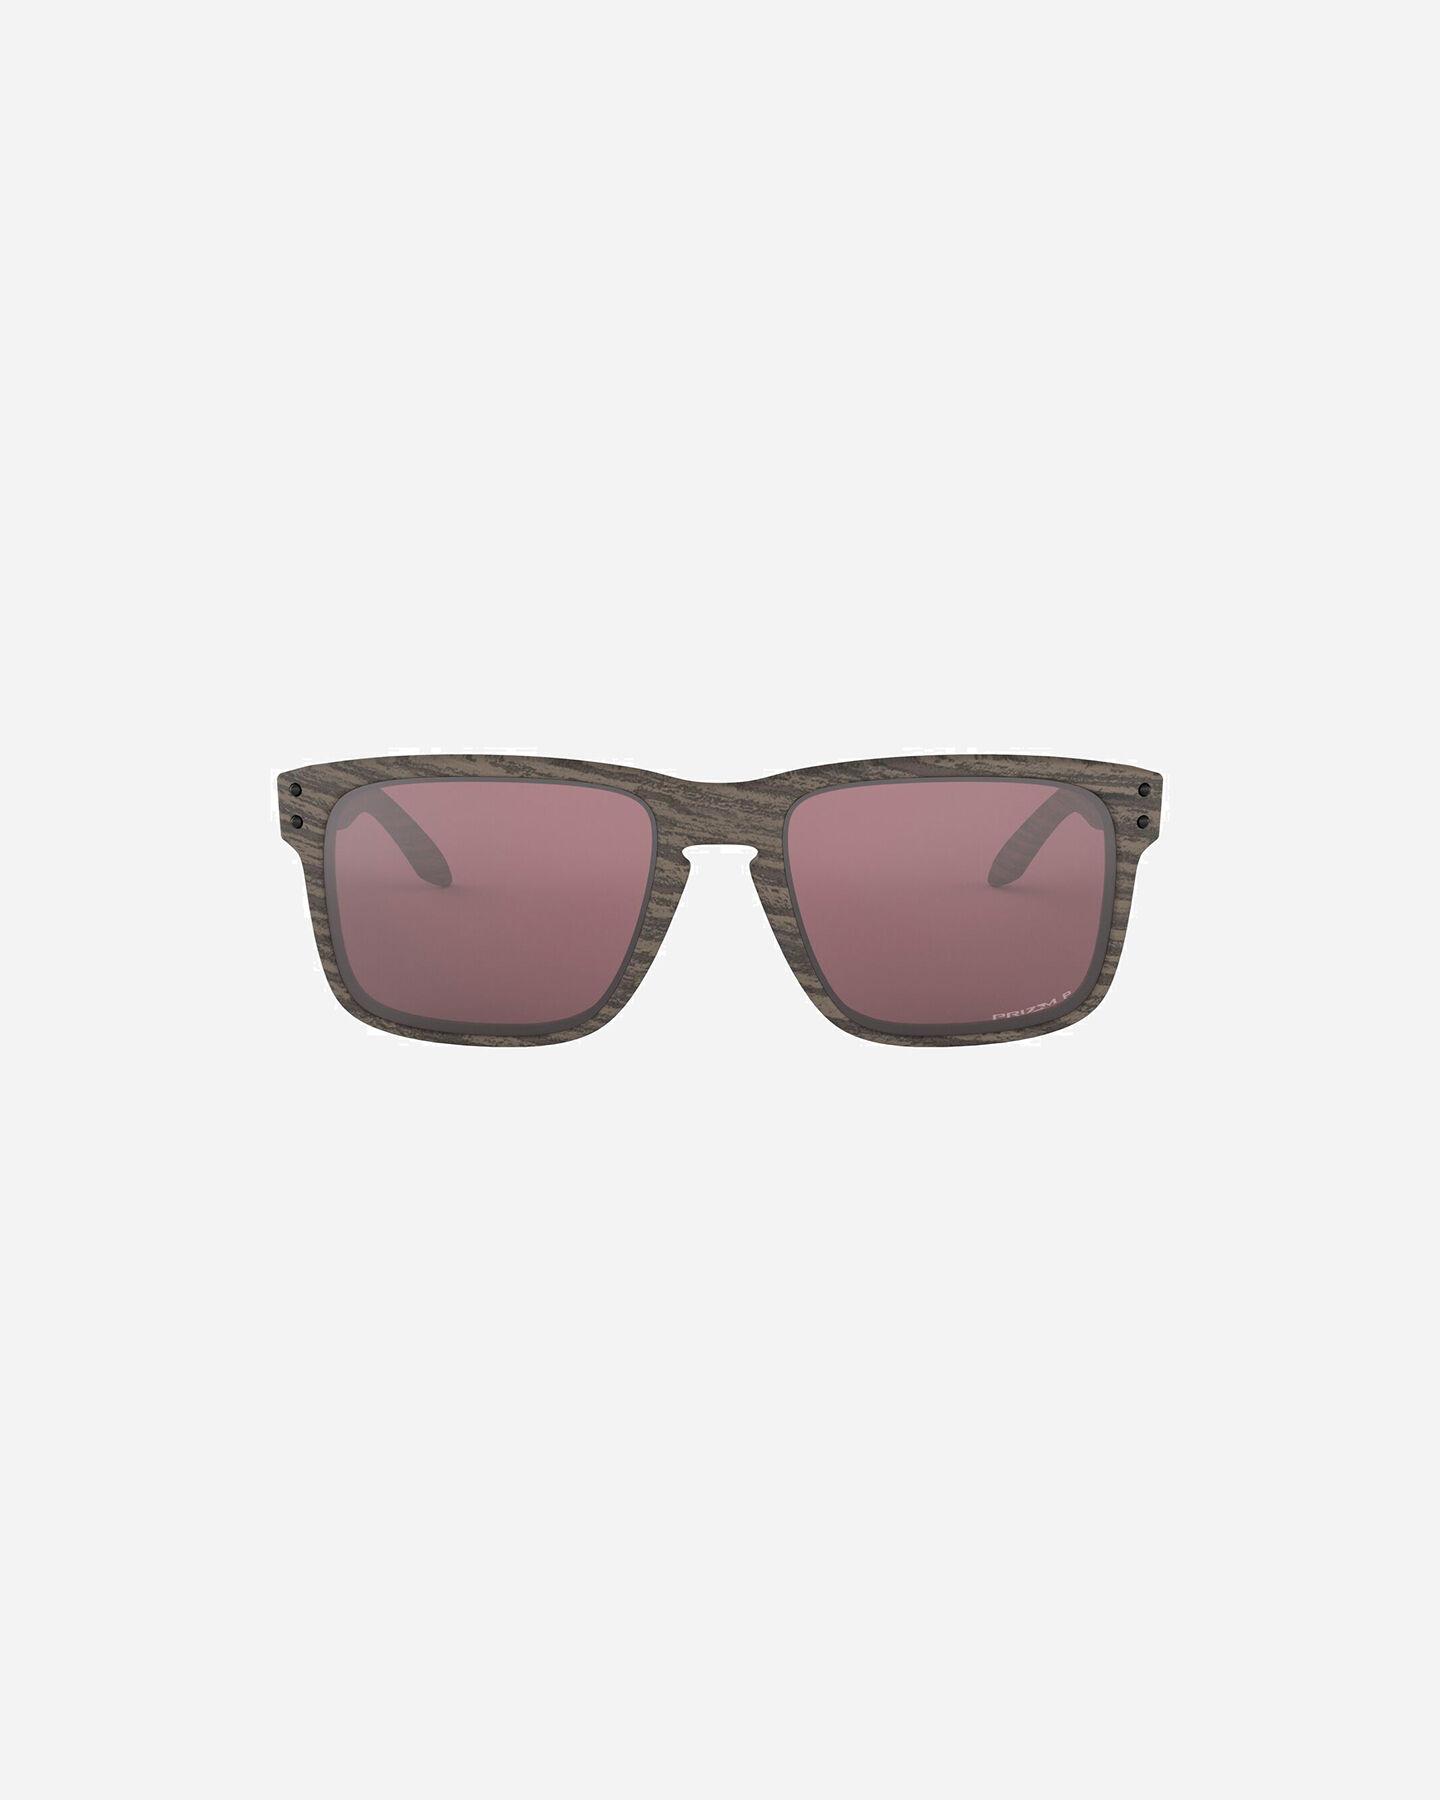 Occhiali OAKLEY HOLBROOK WOODGRAIN PRIZM S4002501|9999|UNI scatto 1